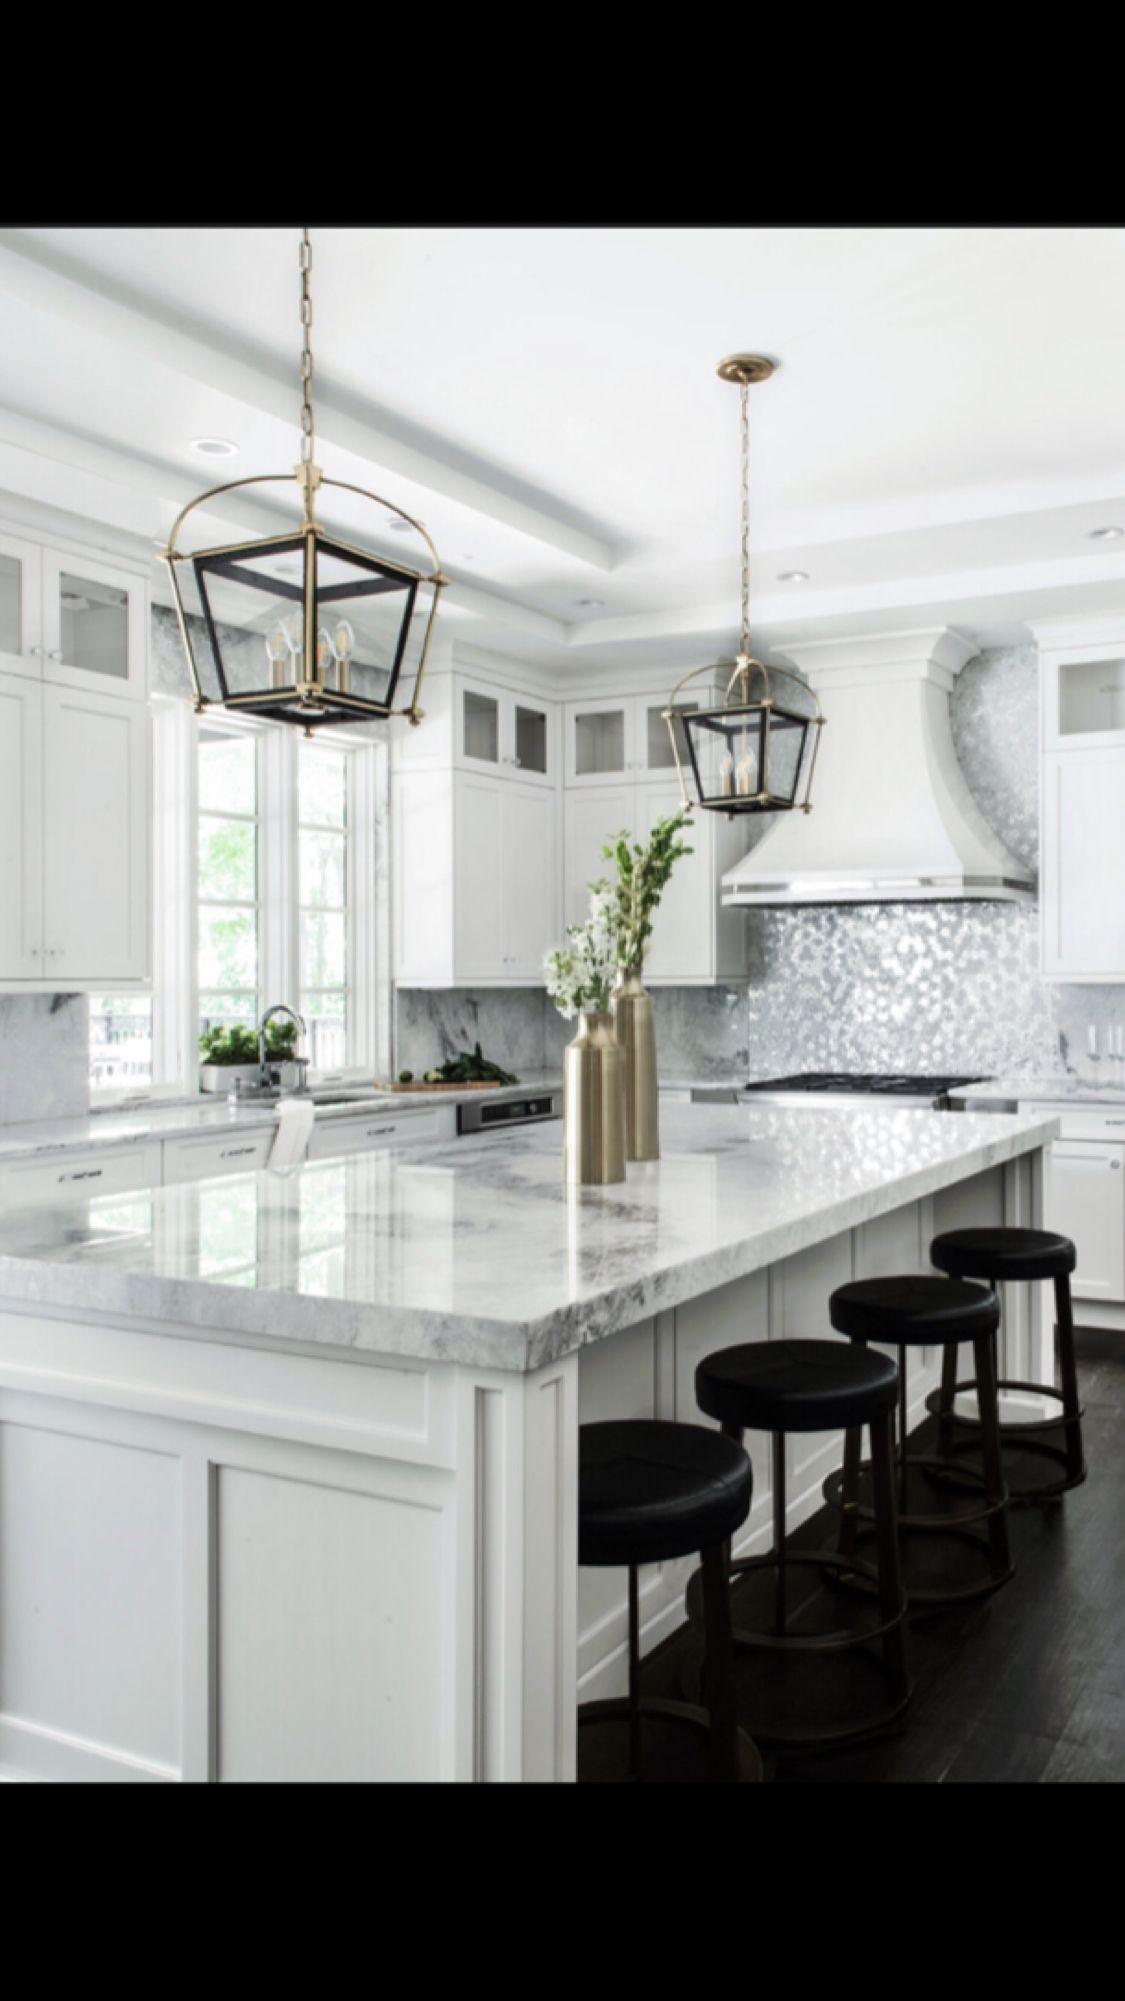 Küchendesign vor haus pin von fabian h auf houses and design  pinterest  haus küchen